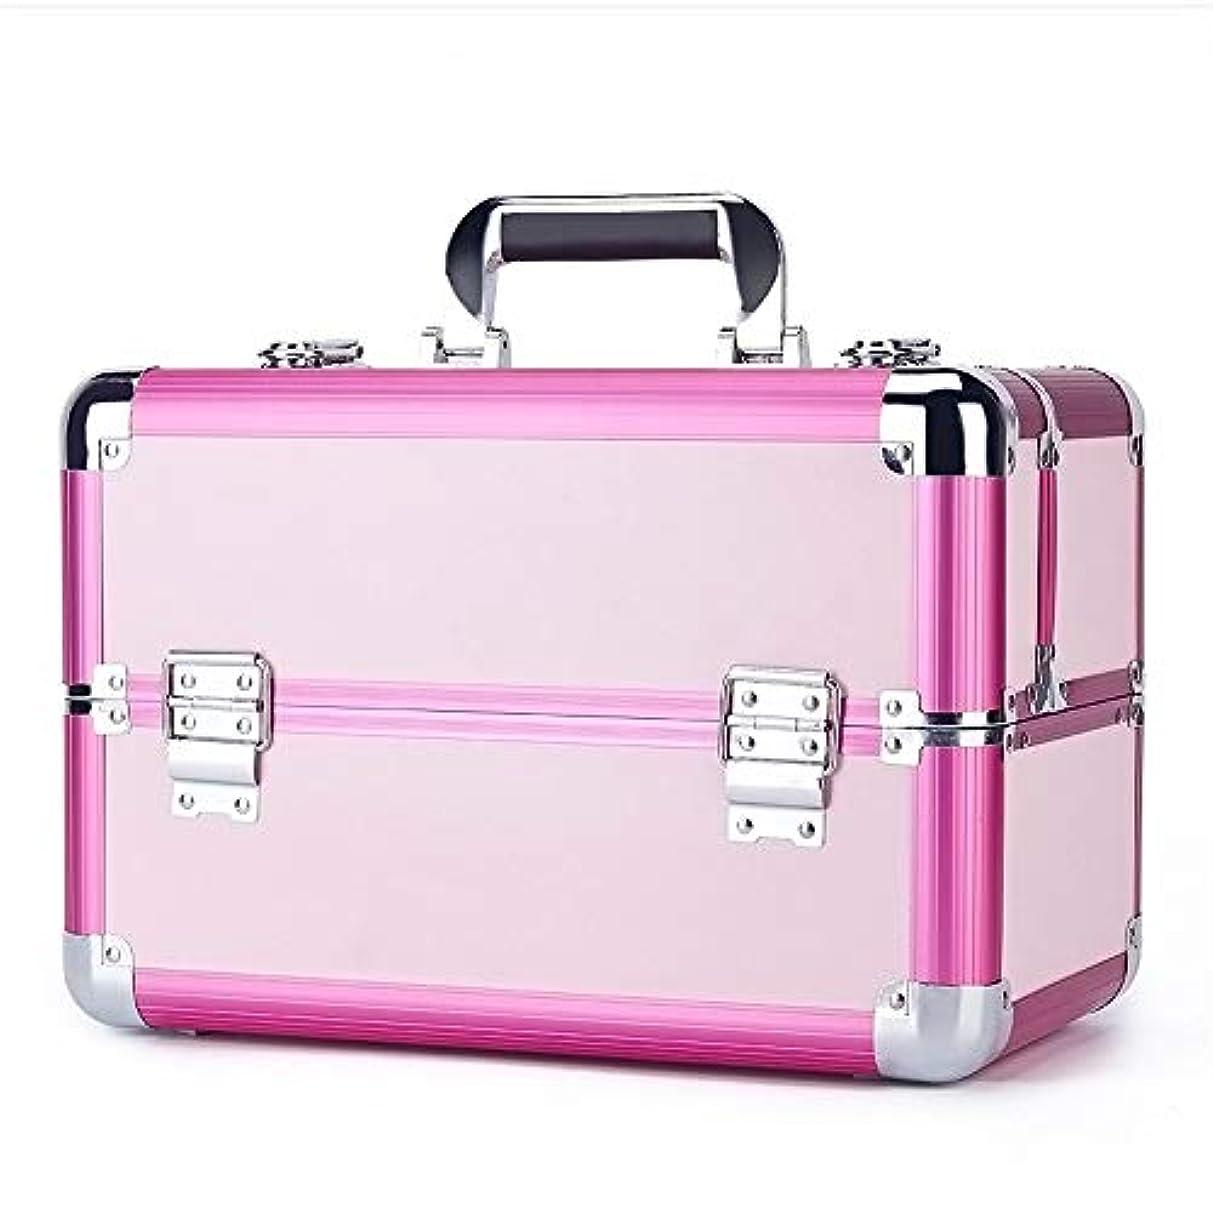 問い合わせるマーチャンダイザー強化する化粧オーガナイザーバッグ 旅行メイクアップバッグパターンメイクアップアーティストケーストレインボックス化粧品オーガナイザー収納用十代の女の子女性アーティスト 化粧品ケース (色 : ピンク)